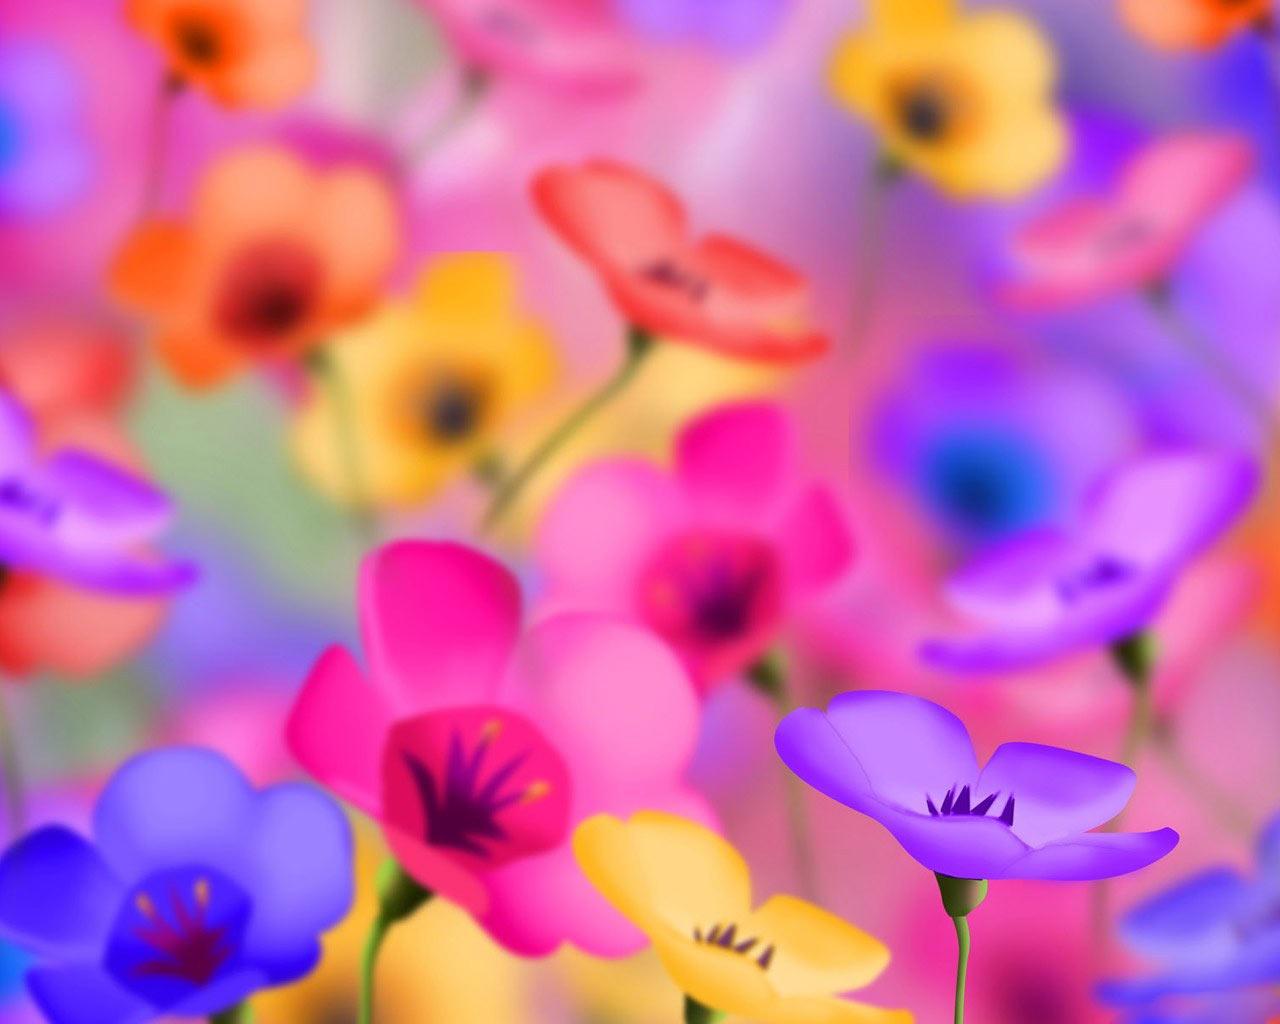 desktop backgrounds colorful backgrounds for desktop Desktop 1280x1024